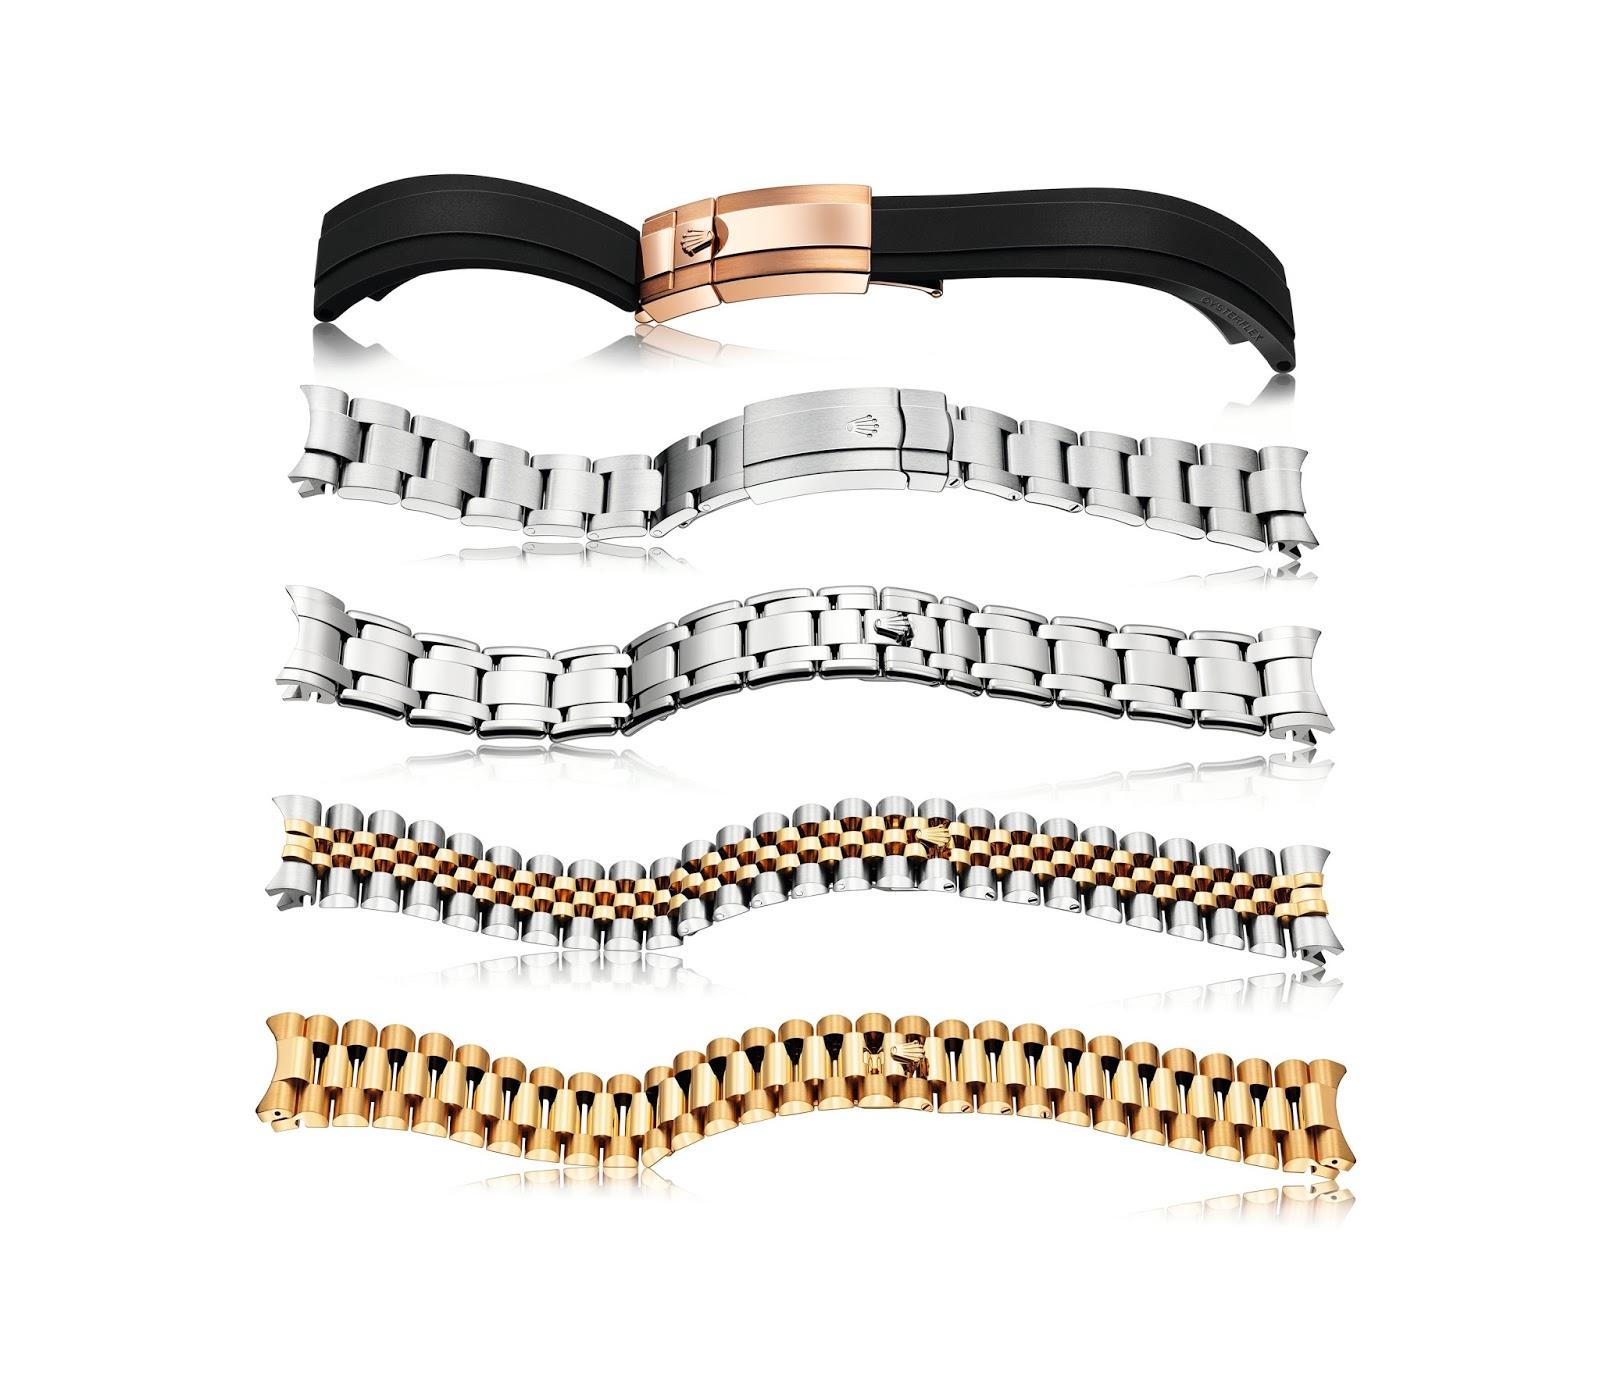 Five Rolex Bracelet Types - Rob's Rolex Chronicle